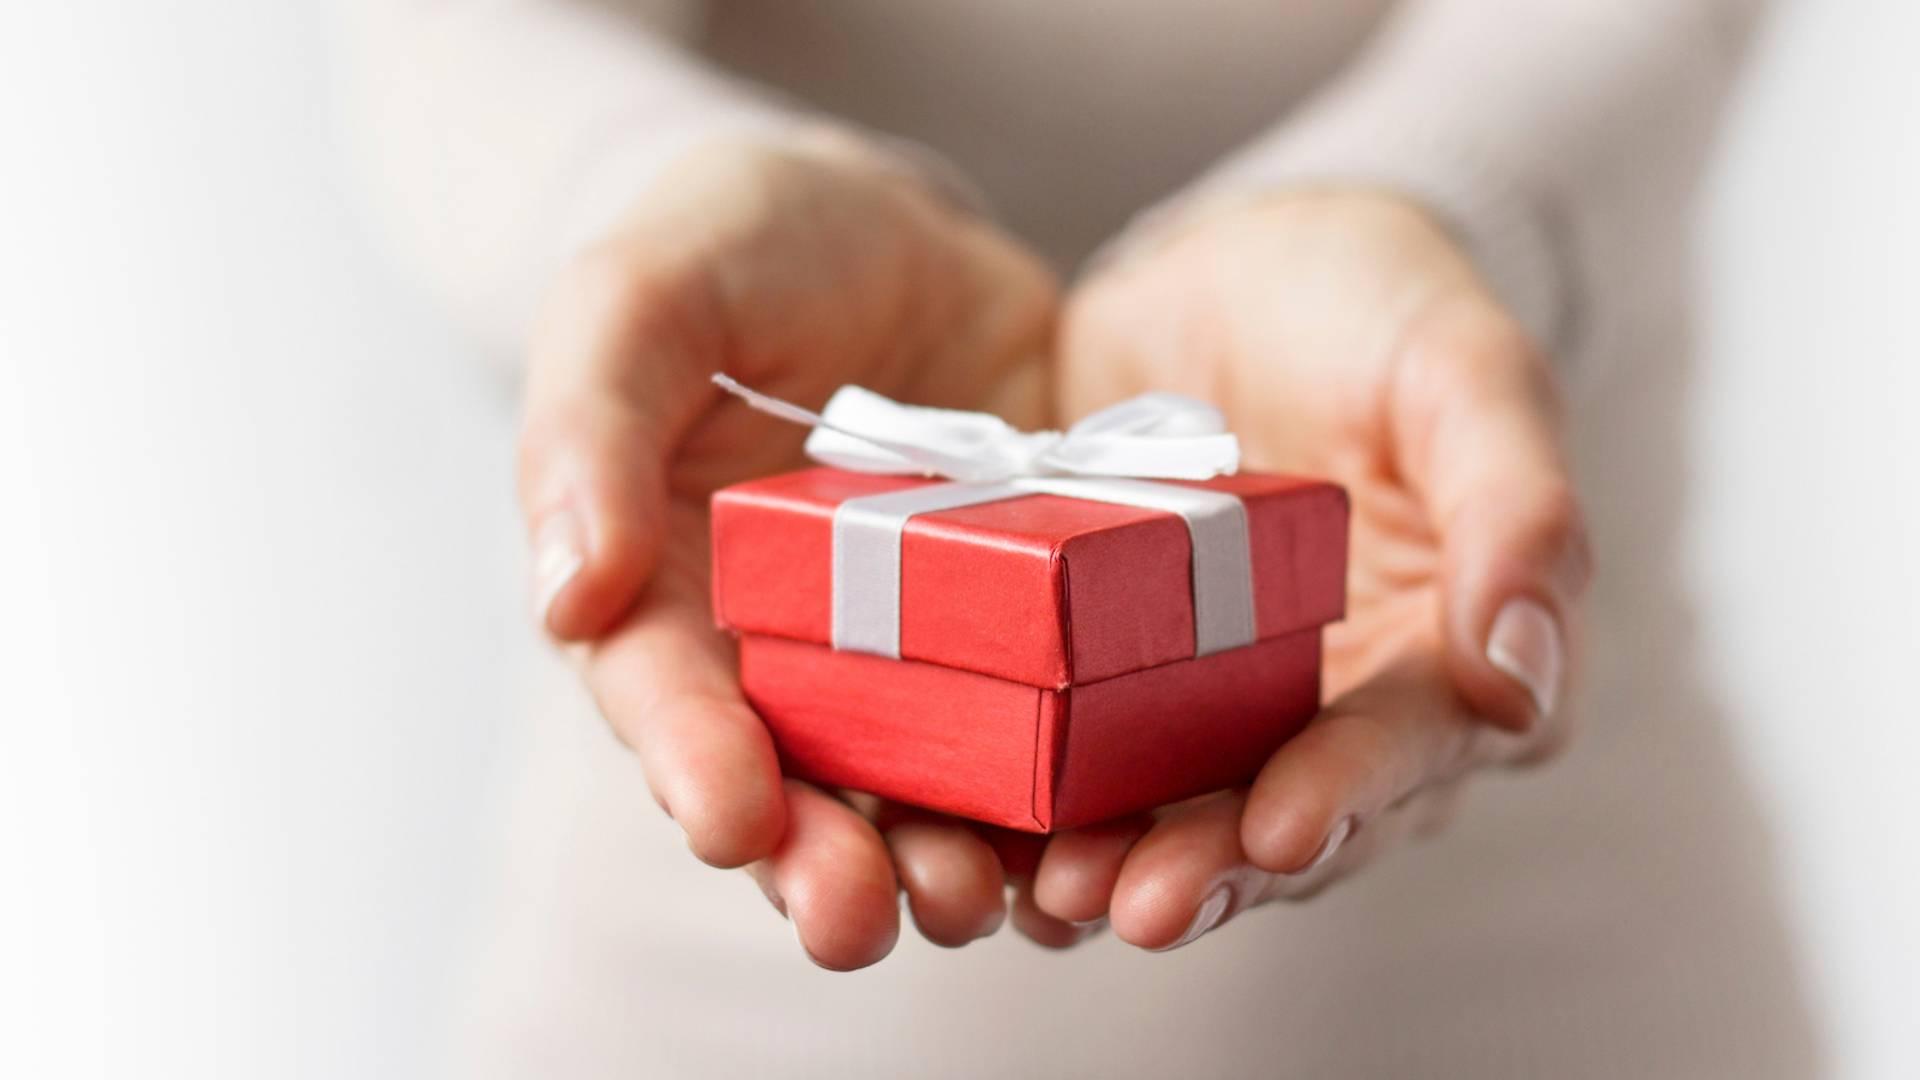 Как взять в руки подарок 893